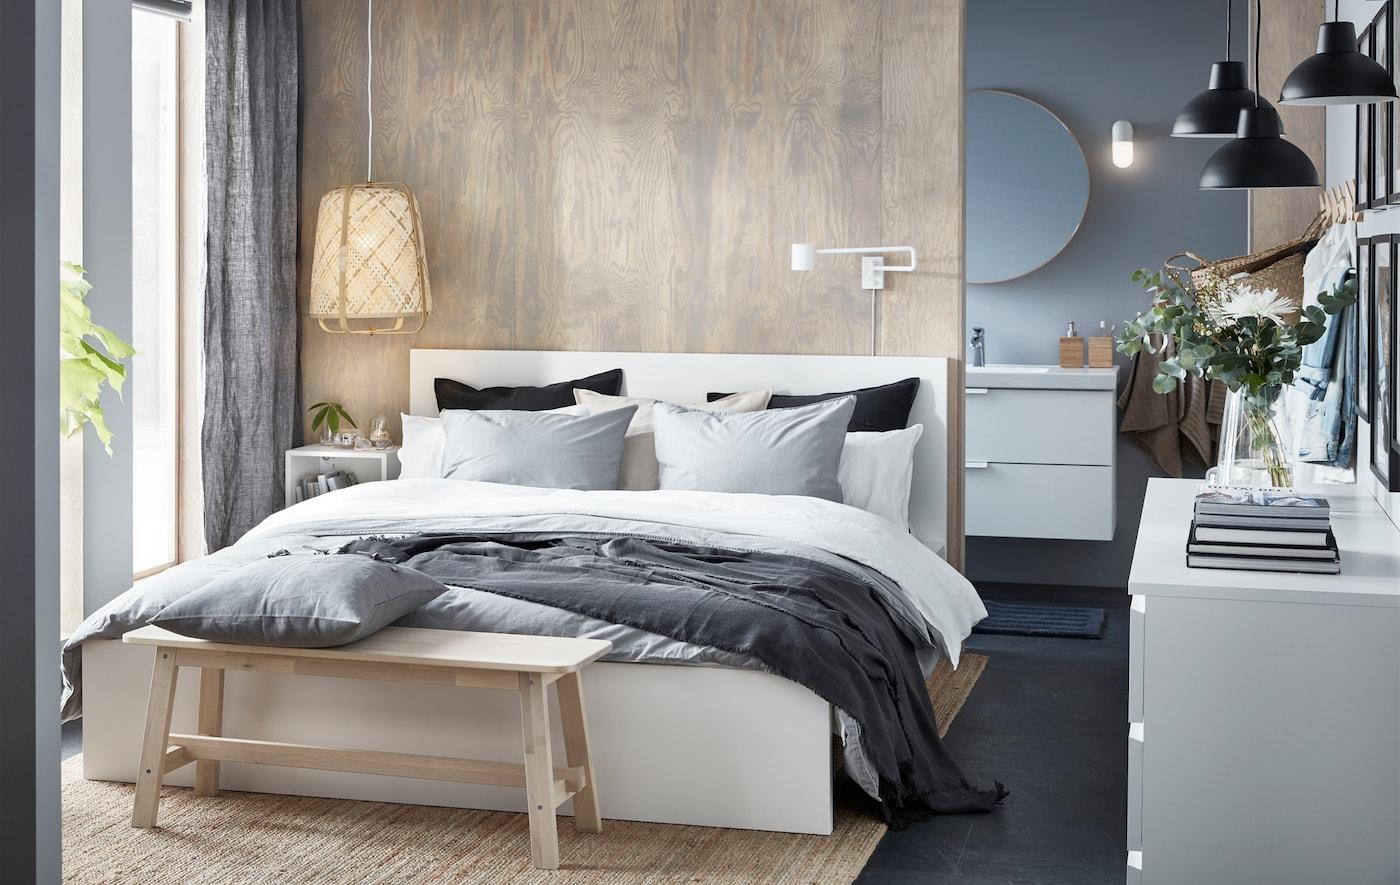 Idee Camere Da Letto Salvaspazio elegante minimalismo in una piccola camera da letto - ikea it